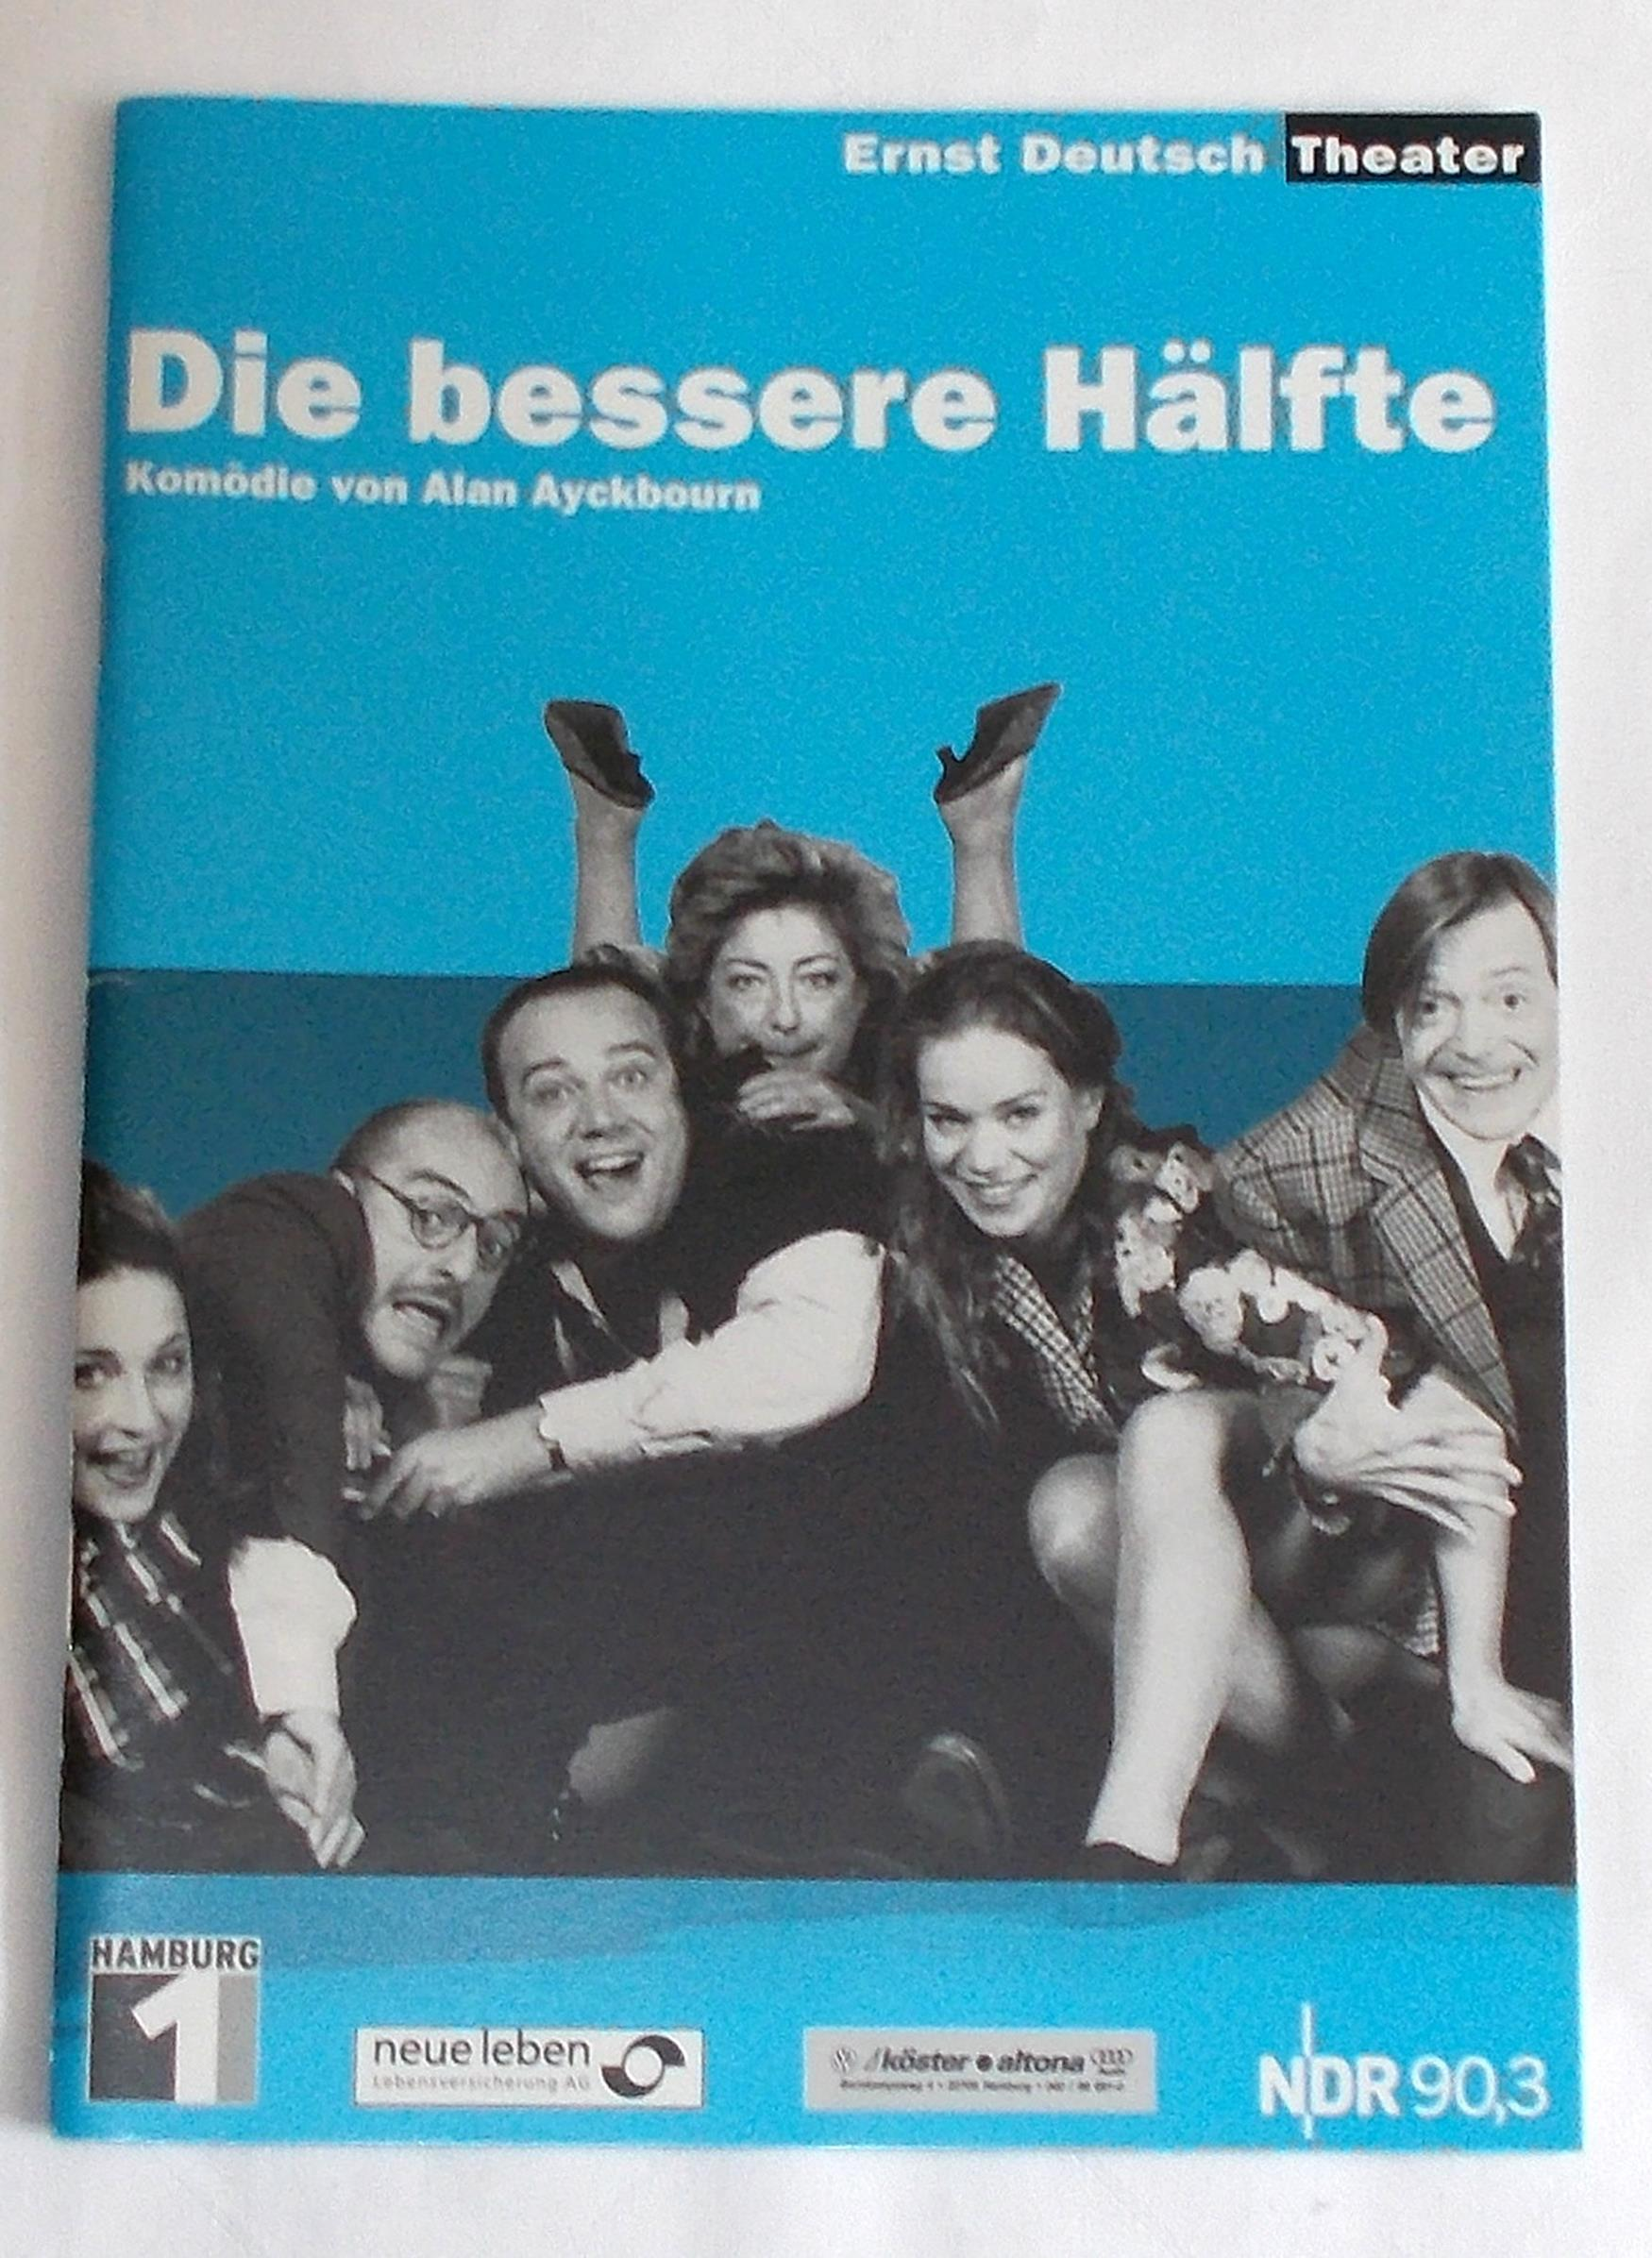 Programmheft Die bessere Hälfte von Alan Ayckbourn. Ernst Deutsch Theater 2002